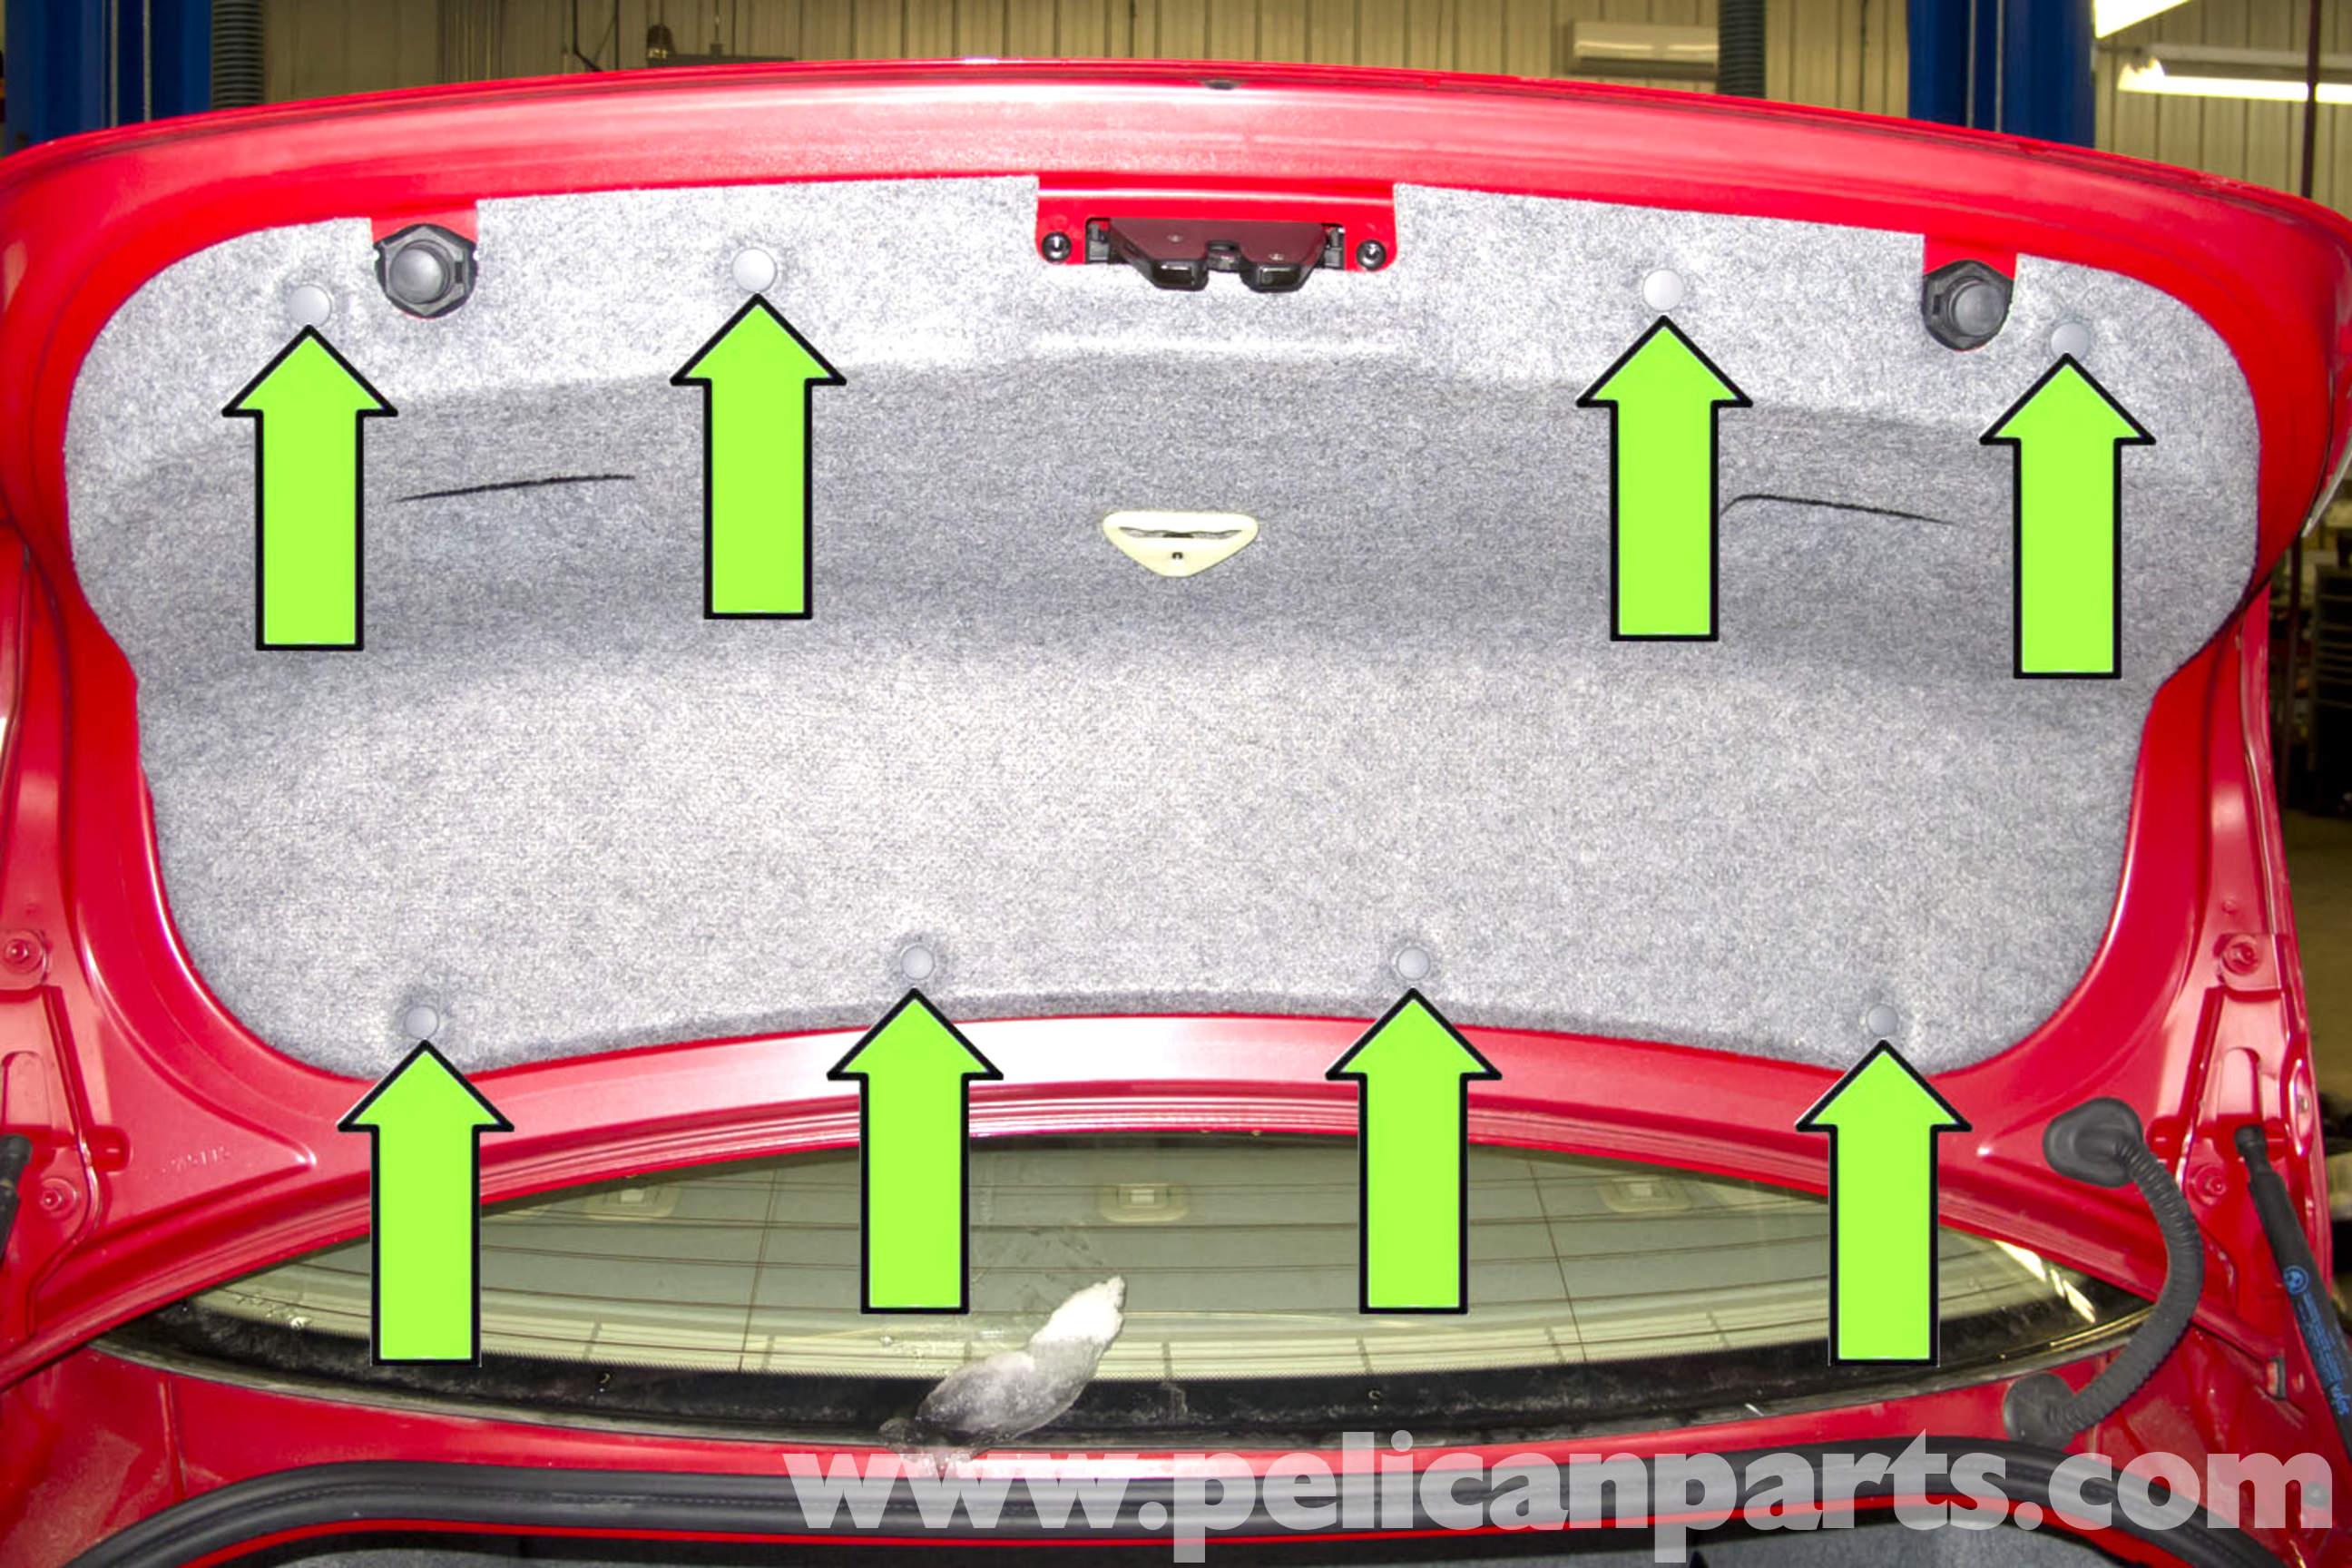 BMW E90 Rear Light Replacement | E91, E92, E93 | Pelican Parts DIY ...